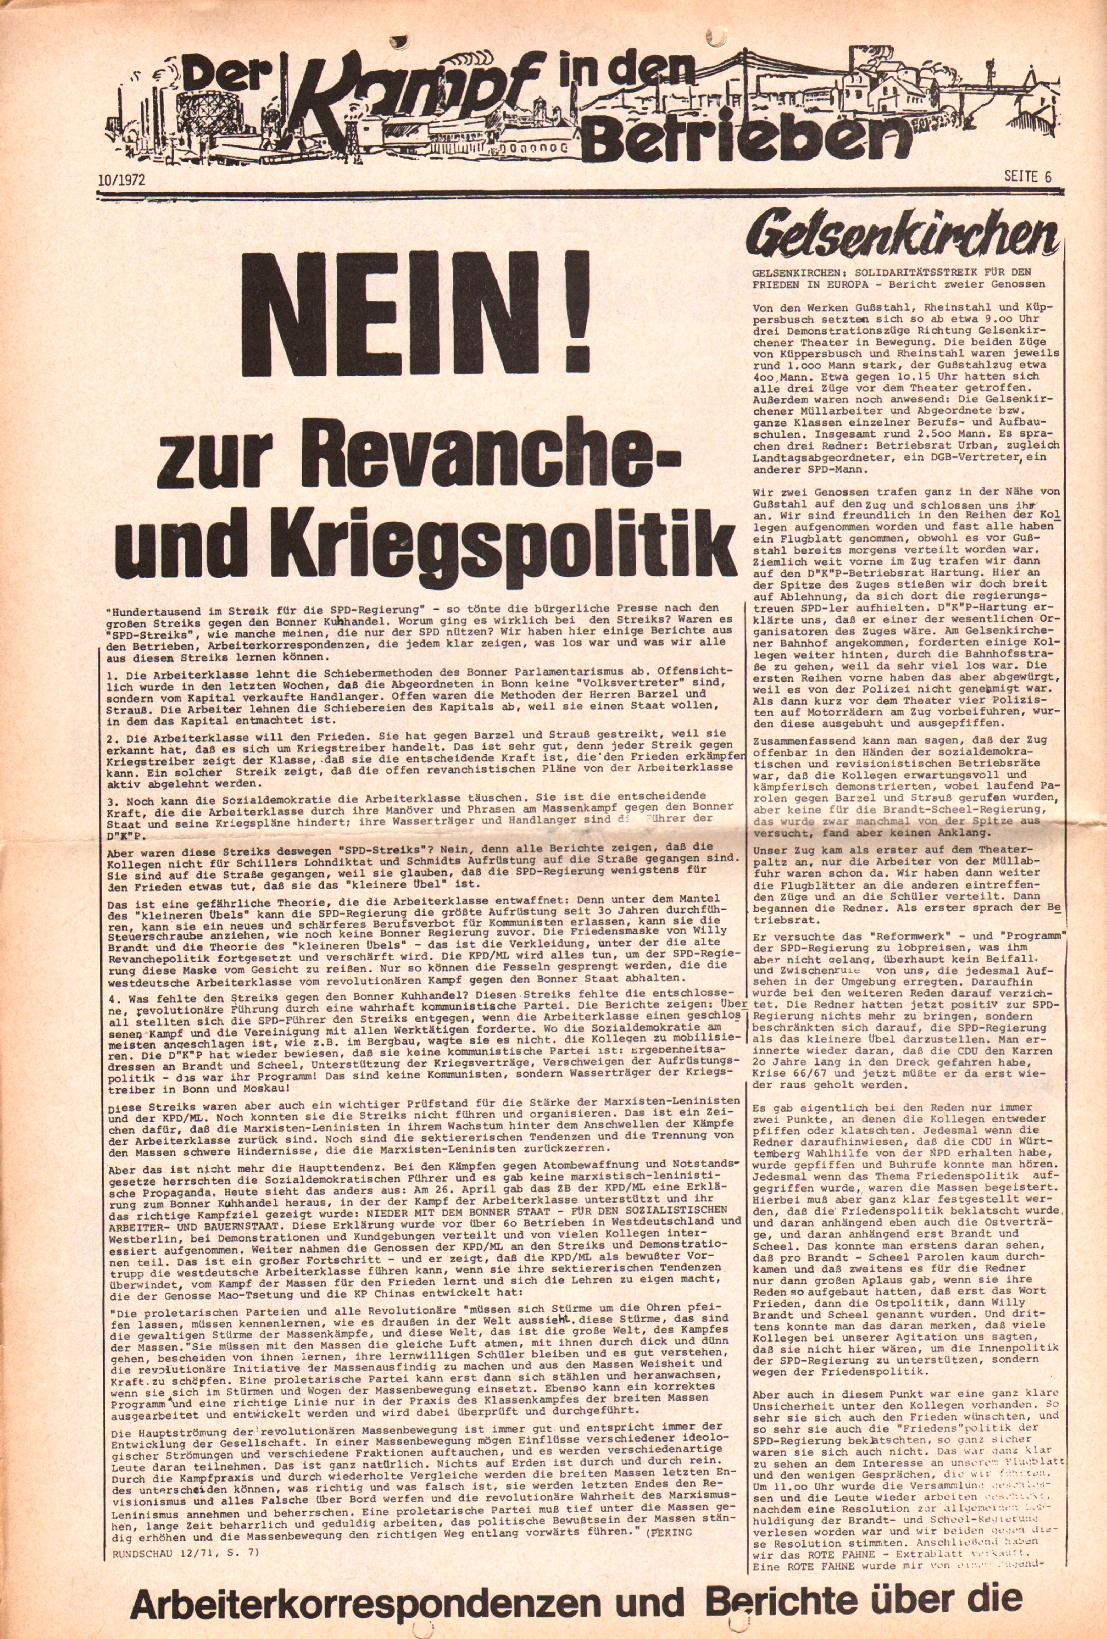 Rote Fahne, 3. Jg., 15.5.1972, Nr. 10, Seite 6